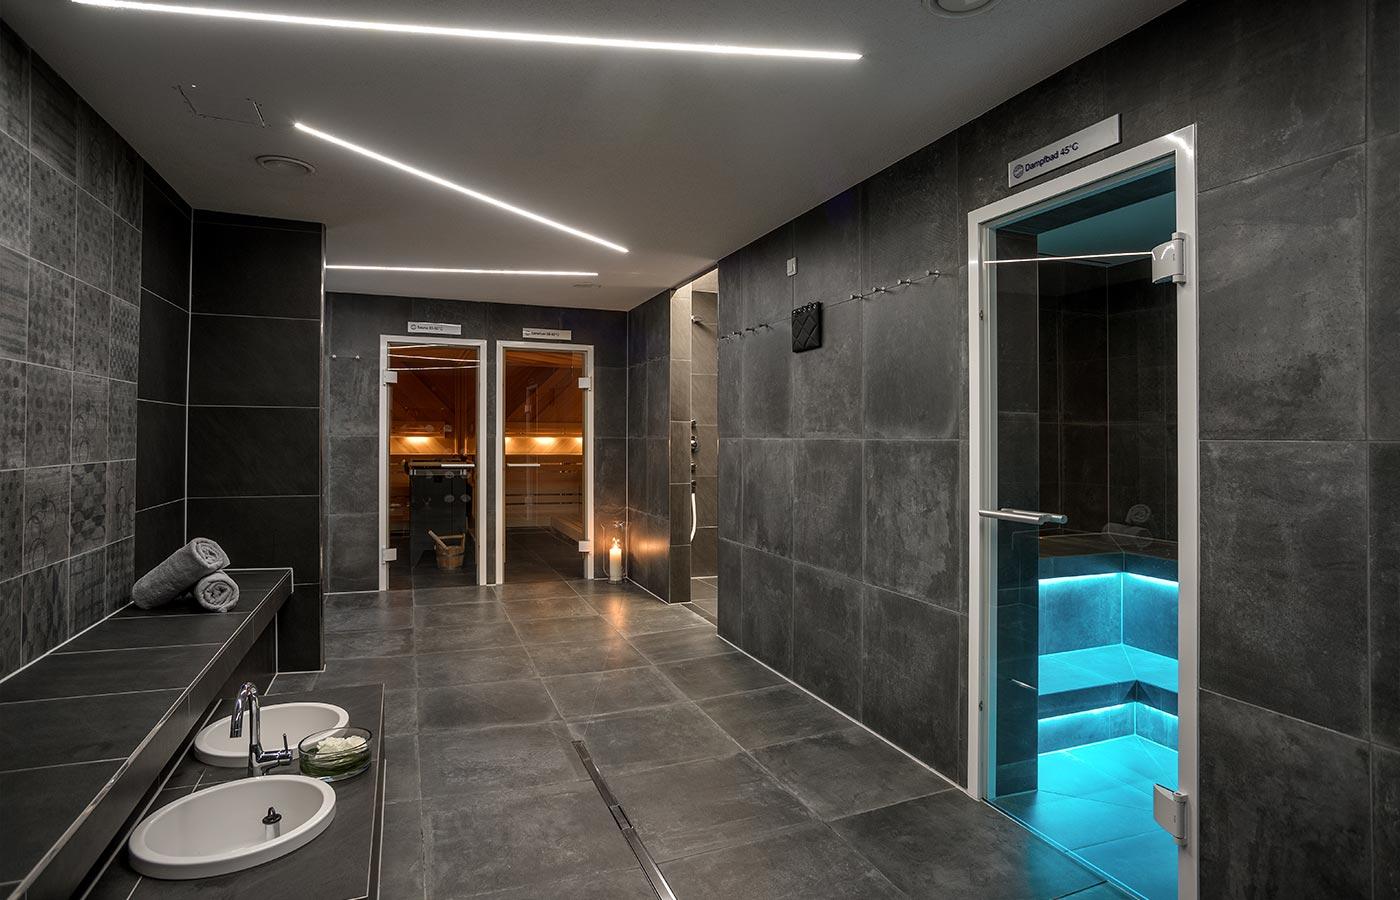 Sauna, Dampfbad und Wellness im Wellnesshotel am Bodensee